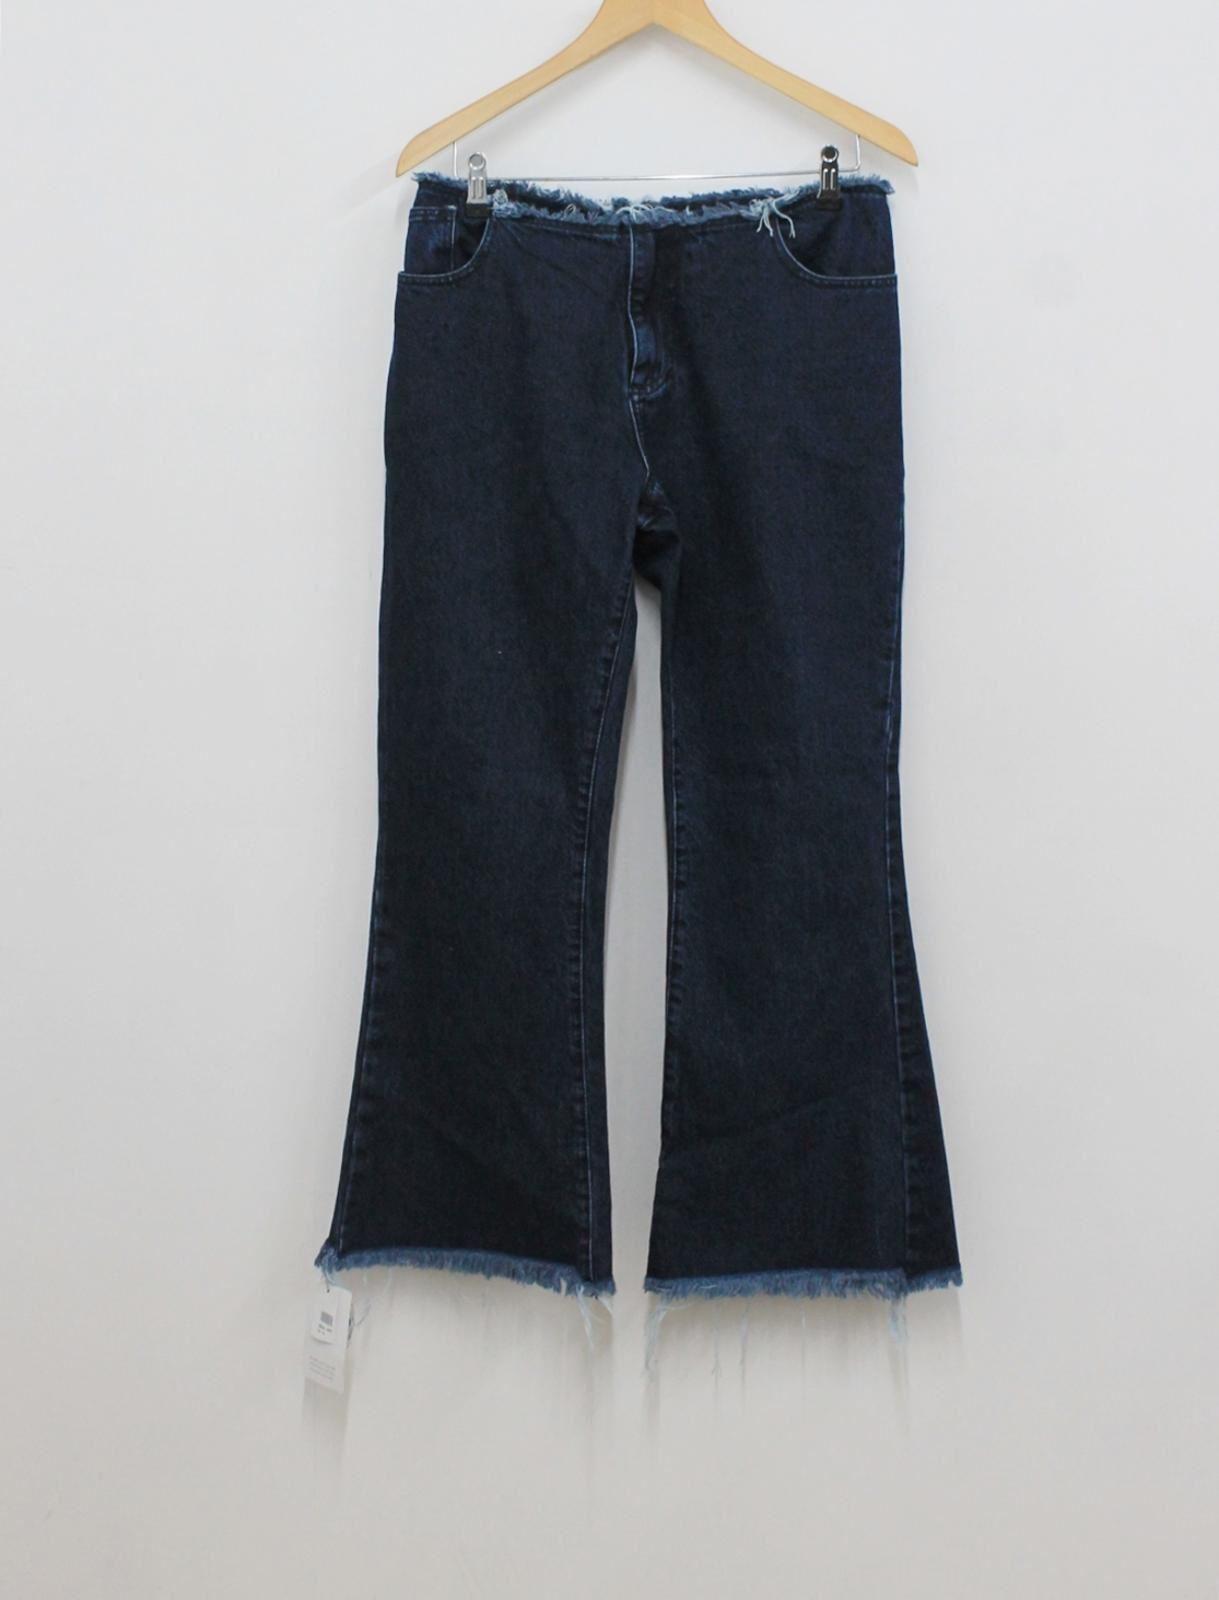 BNWT MARQUES ALMEIDA Donna Blu Navy Cotone Cucitura Trim gambe larghe Taglia UK12